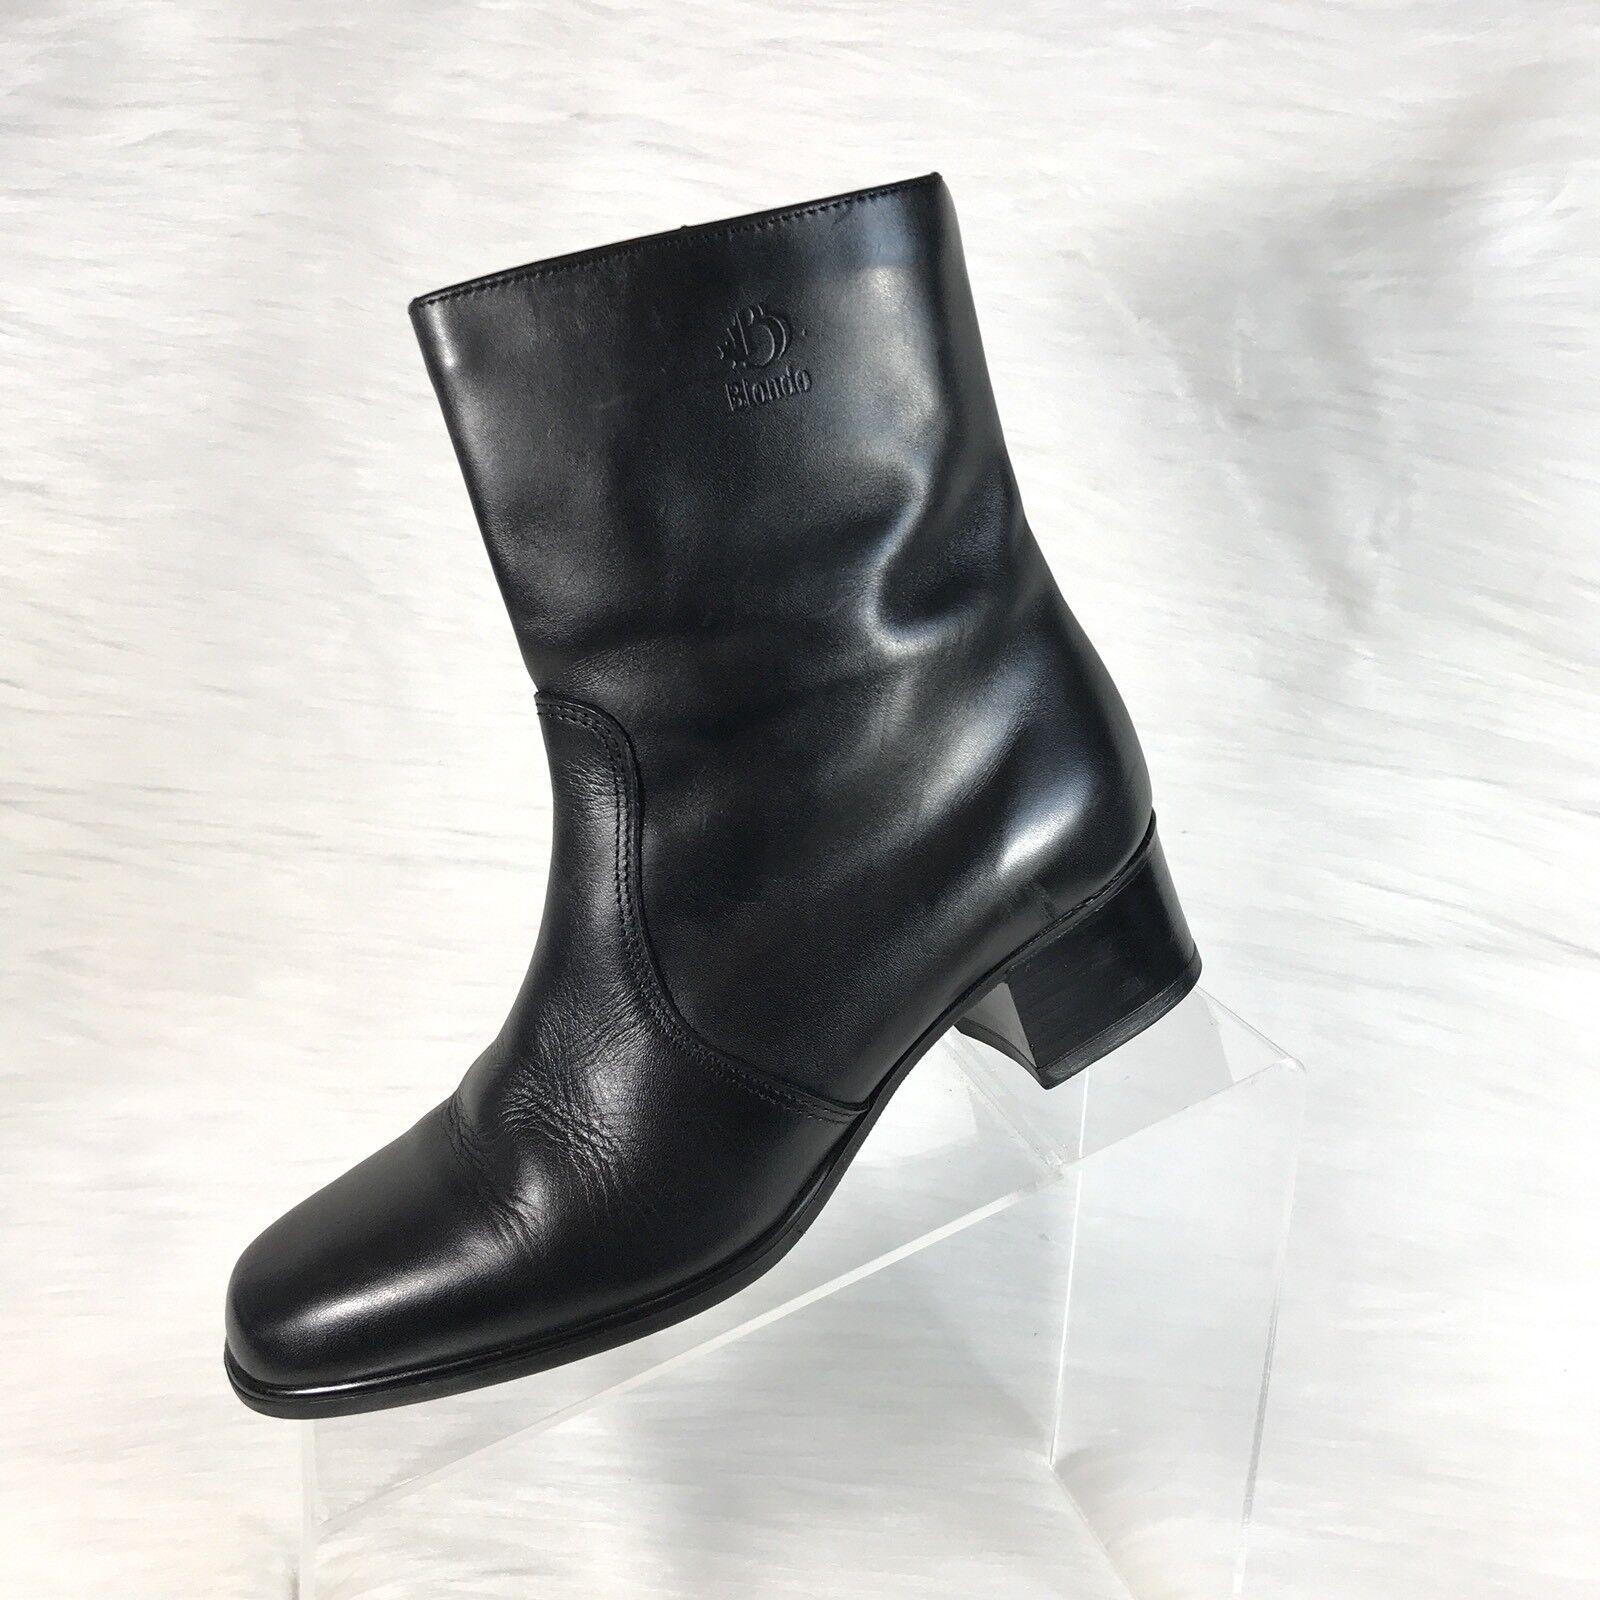 Blondo para mujer botas al Tobillo Cremallera Cuero Negro Tamaño 7 2A